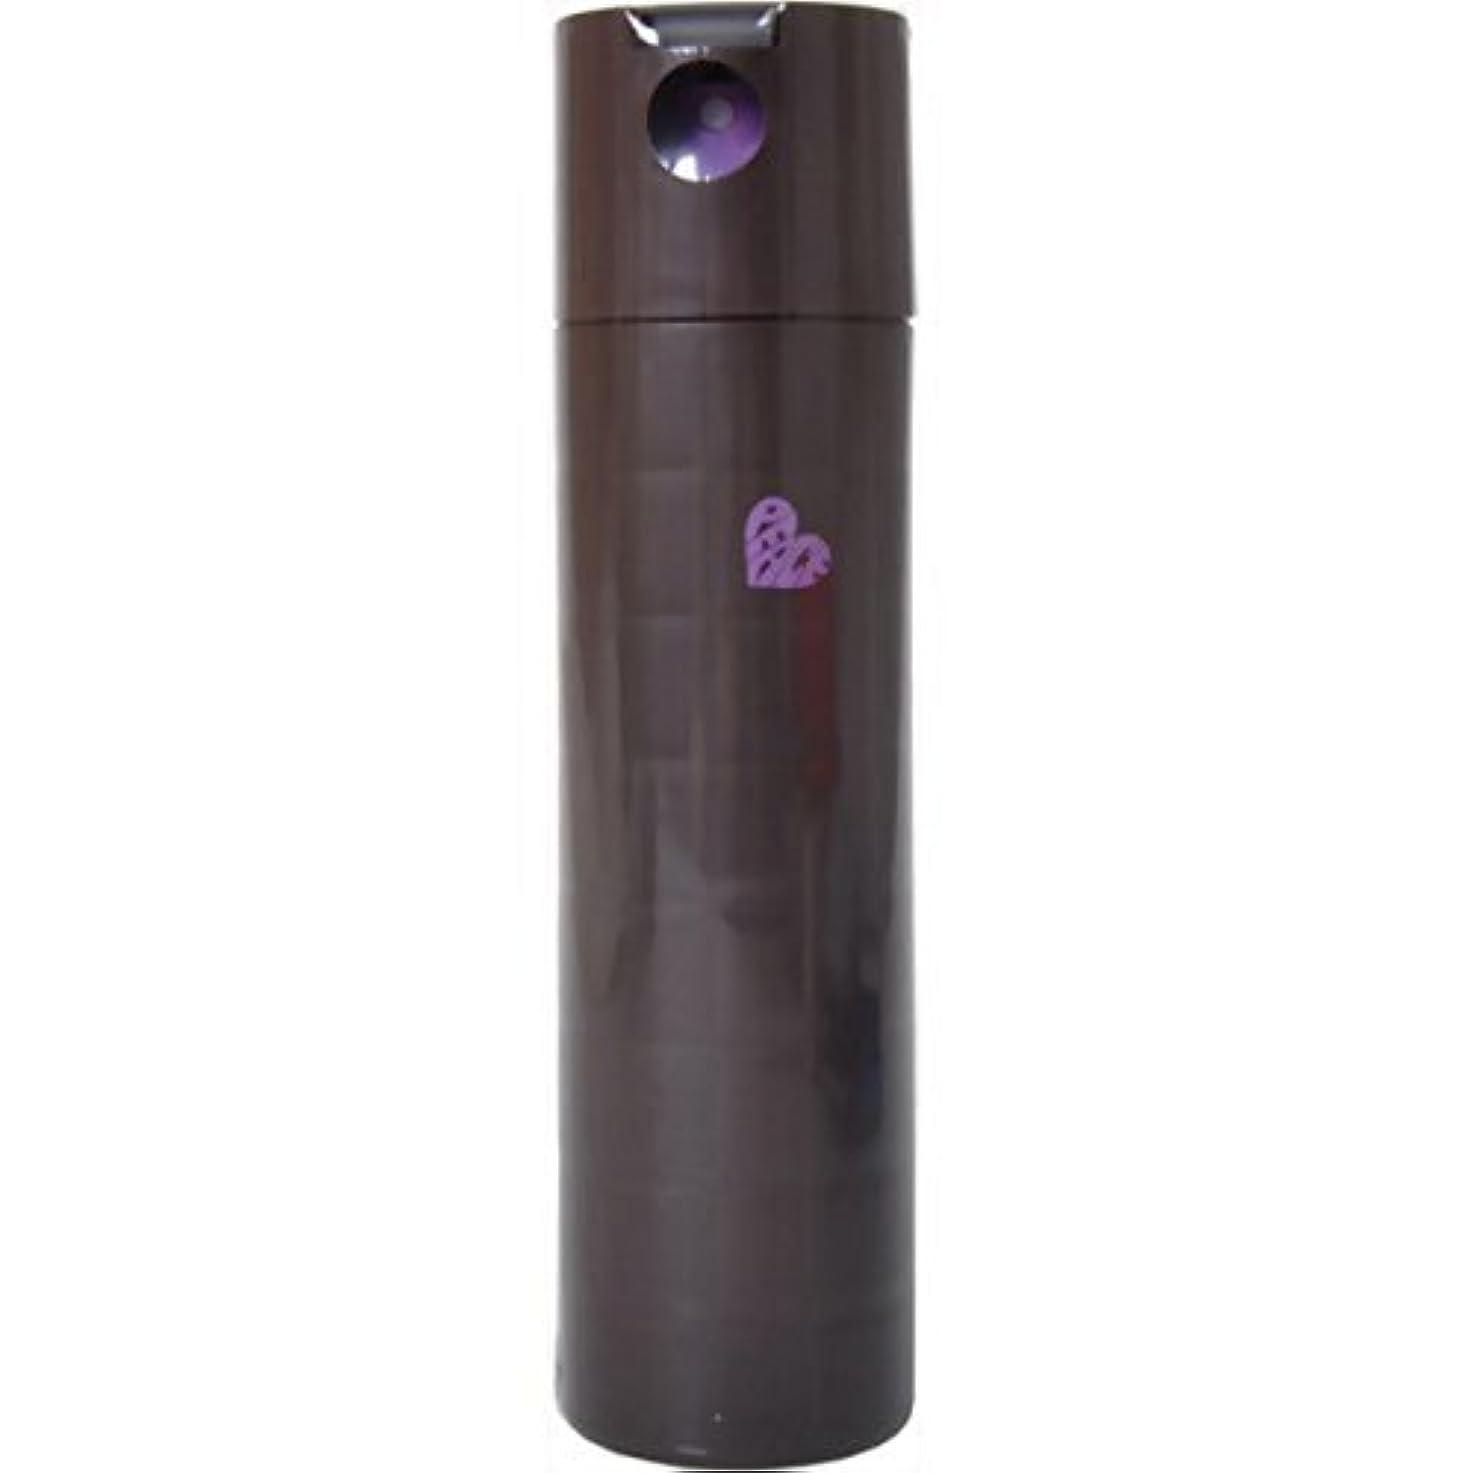 世紀疾患サンドイッチアリミノ ピース カールspray チョコ 138g(200ml) スプレーライン ARIMINO PEACE